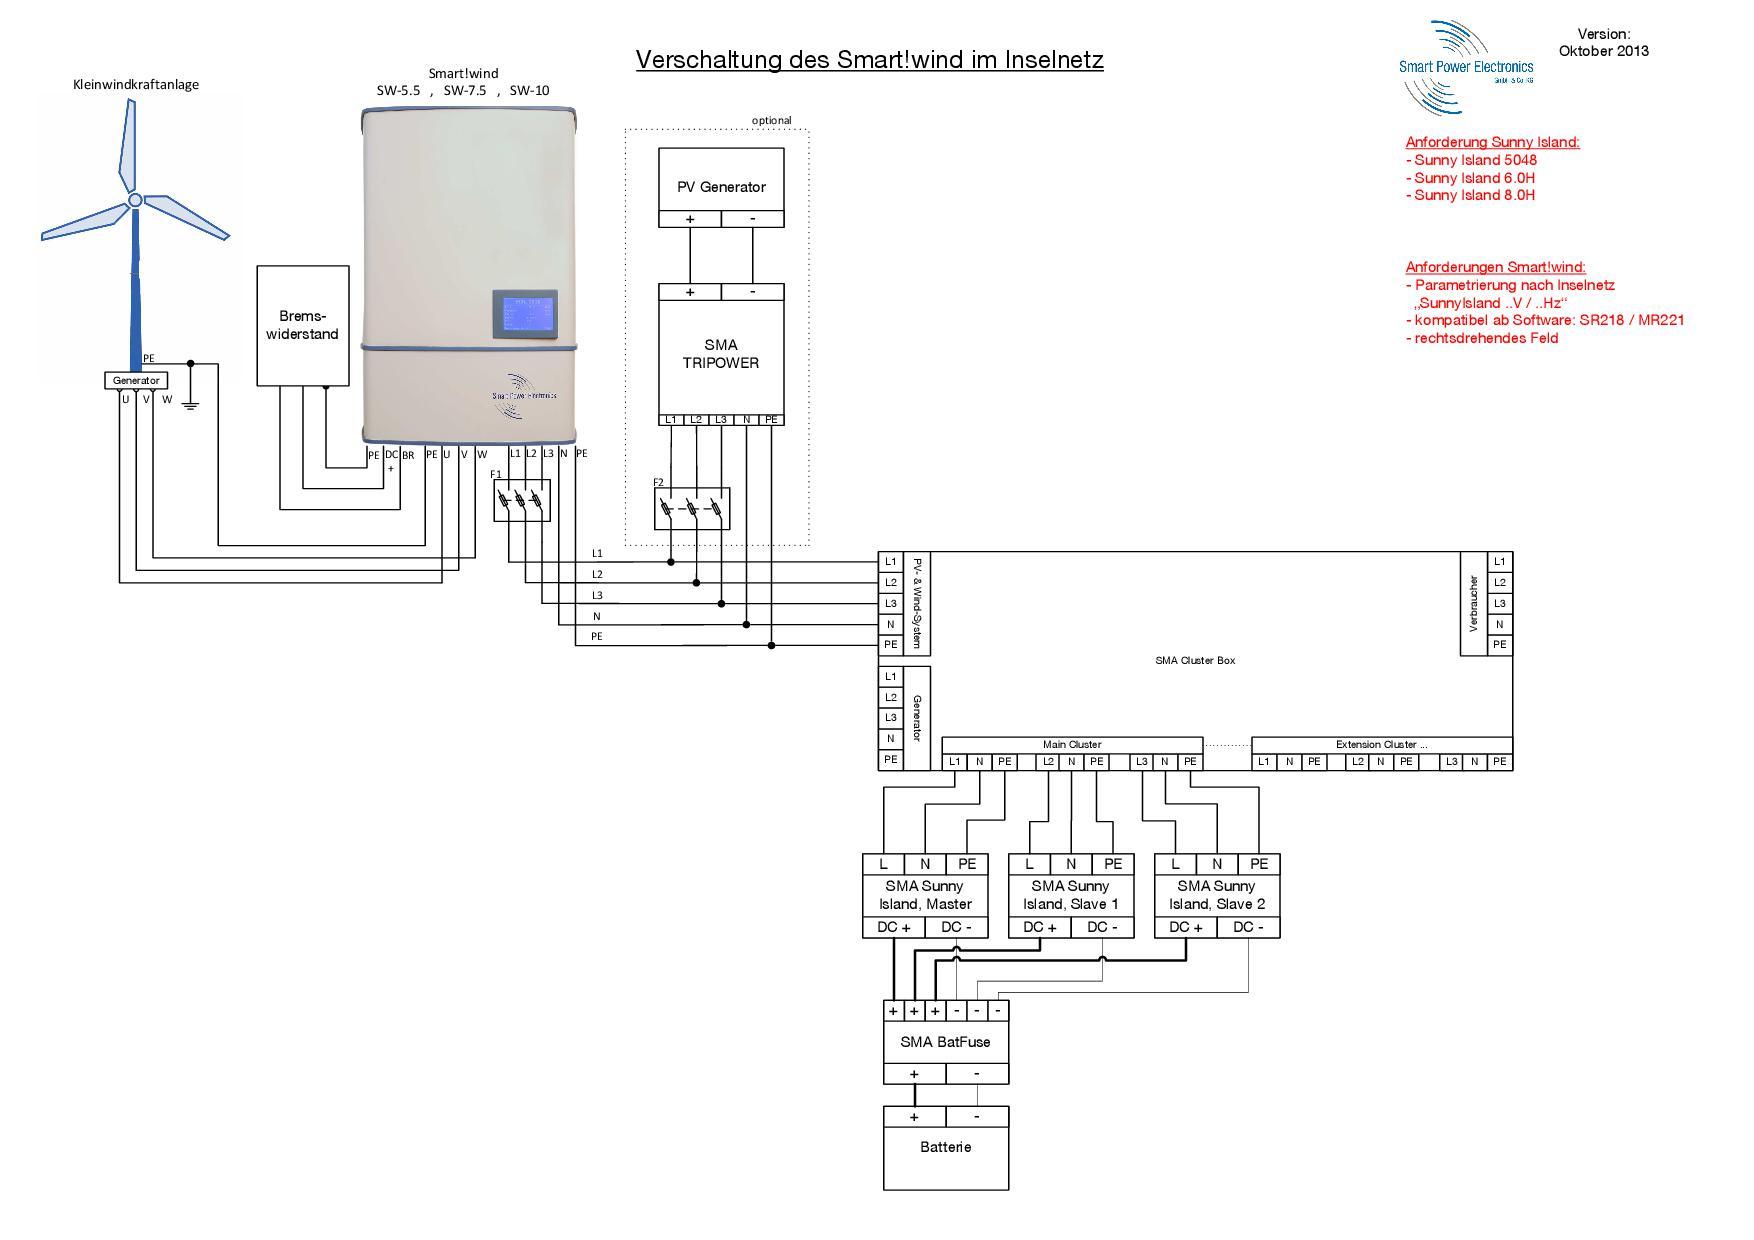 Anschlussplan_Inselnetz_03_mit_Clusterbox-001